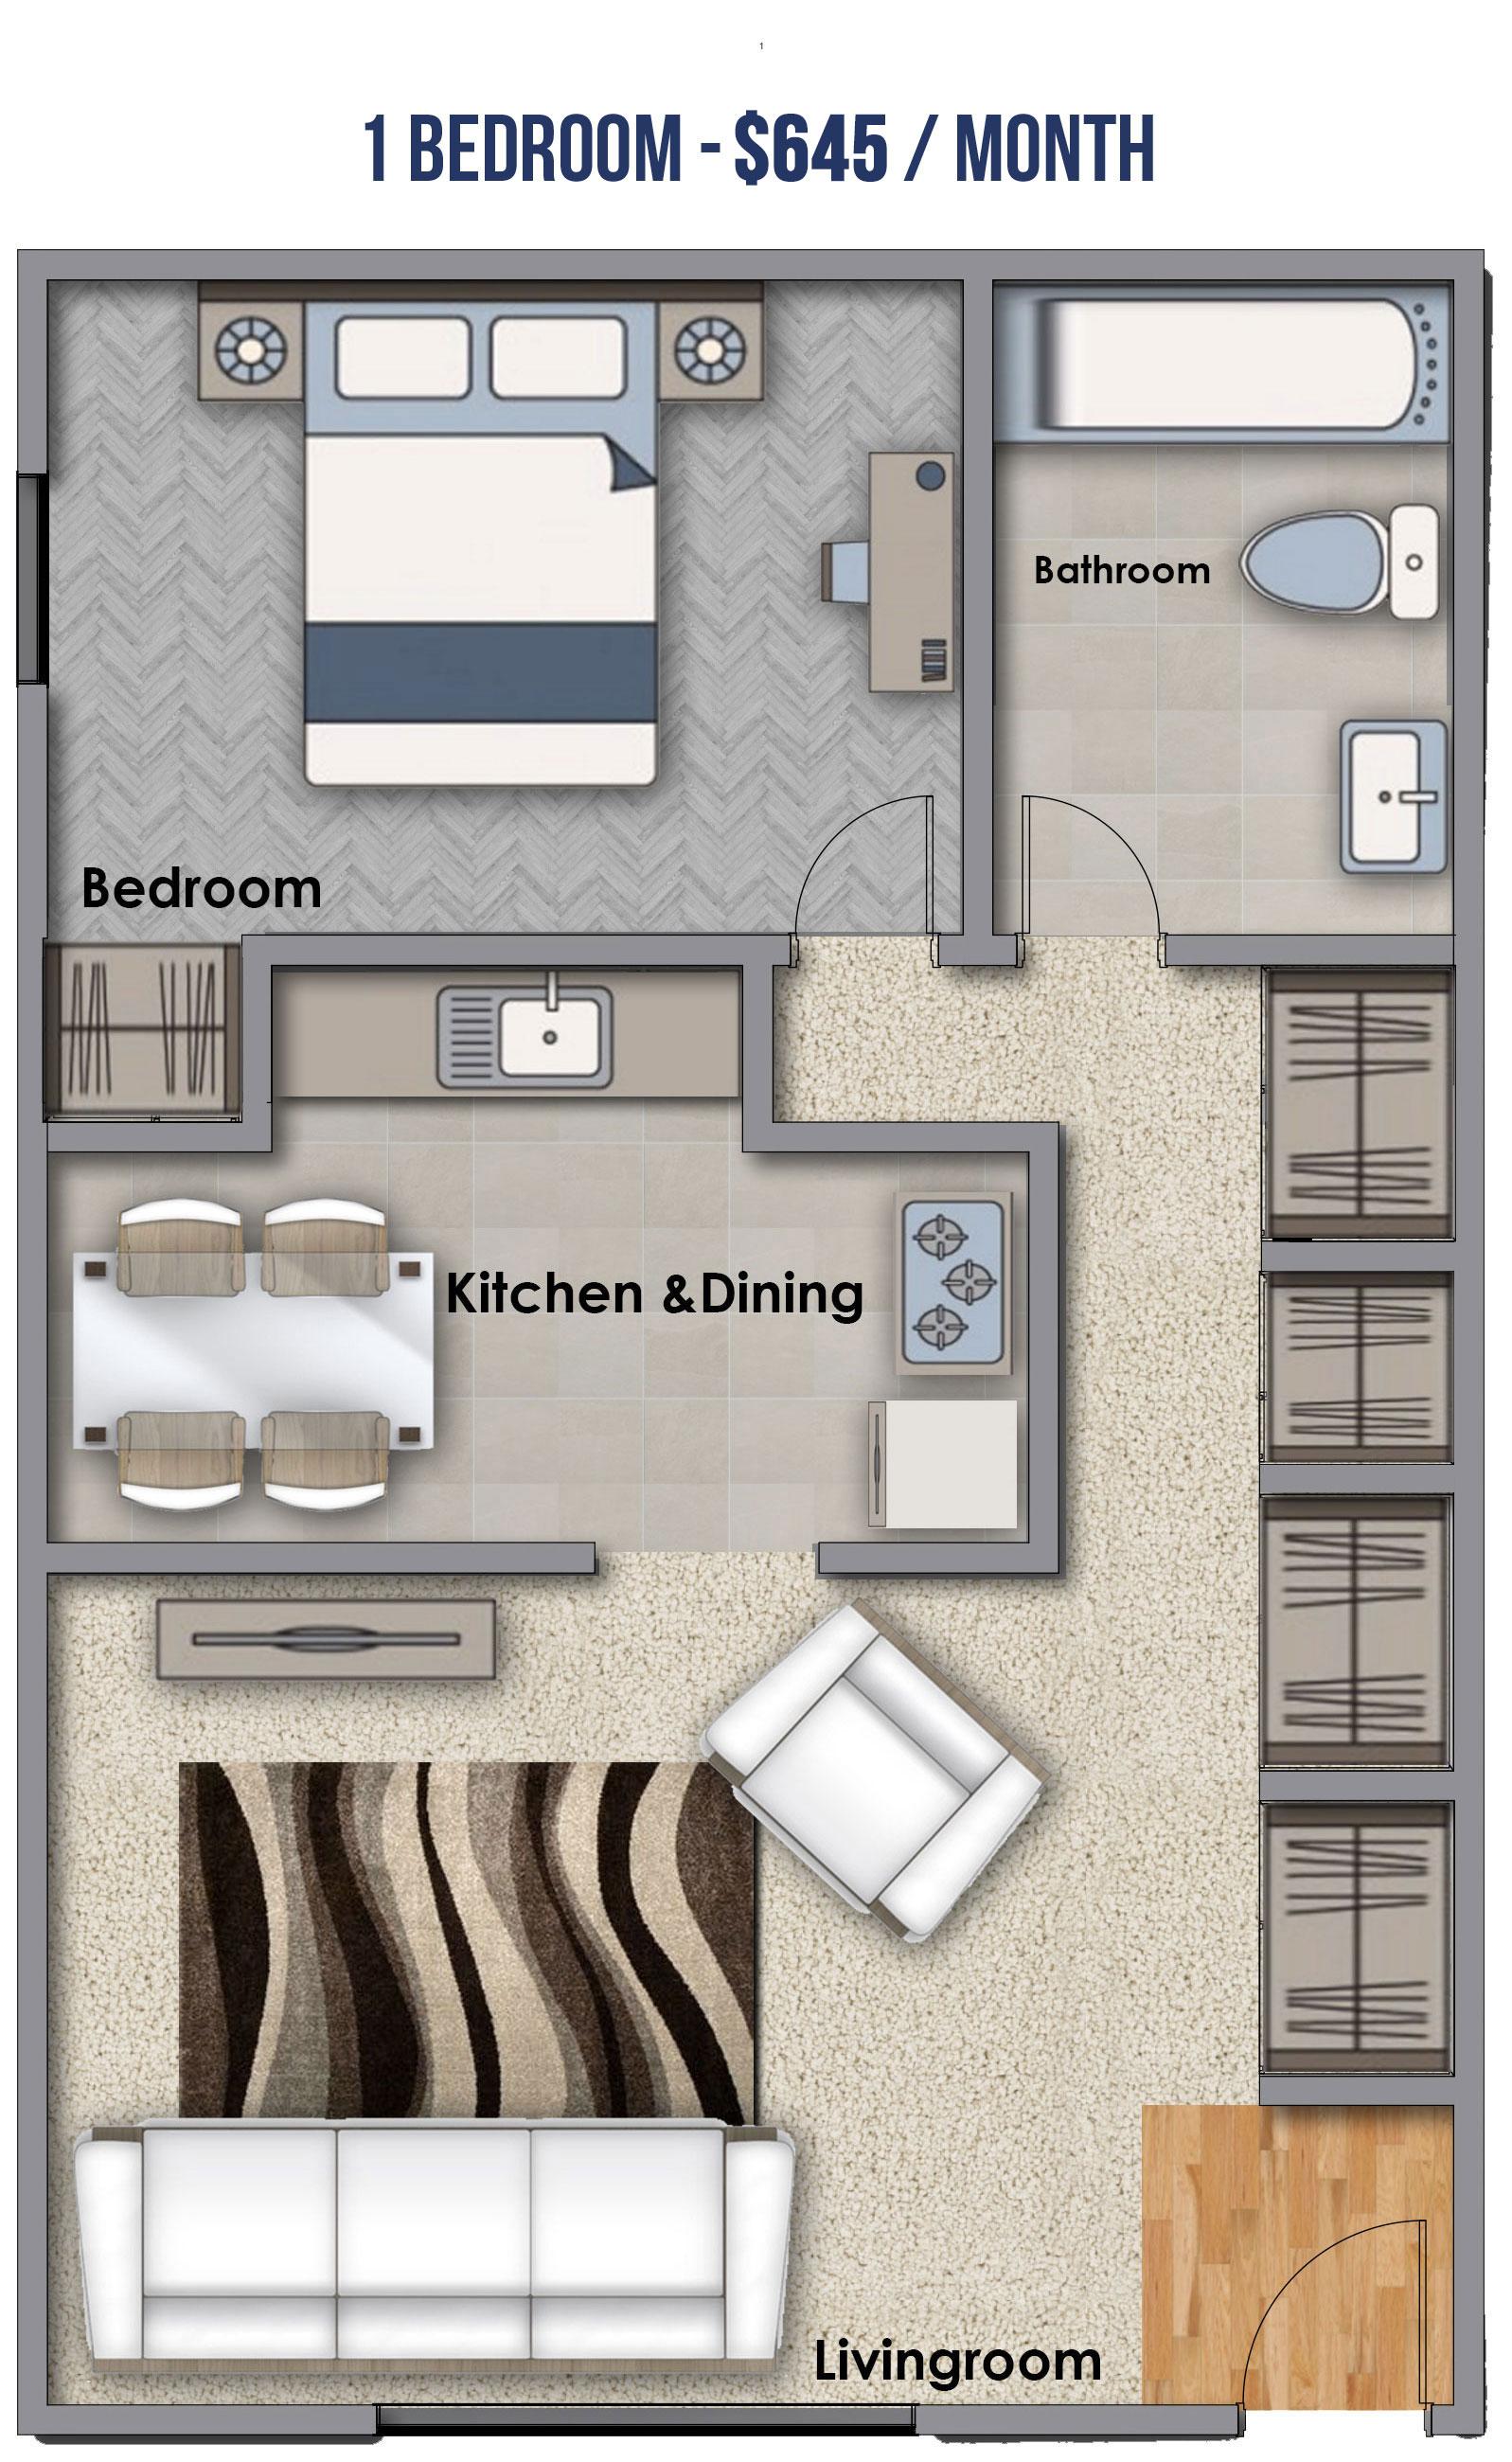 1-Bedroom-645